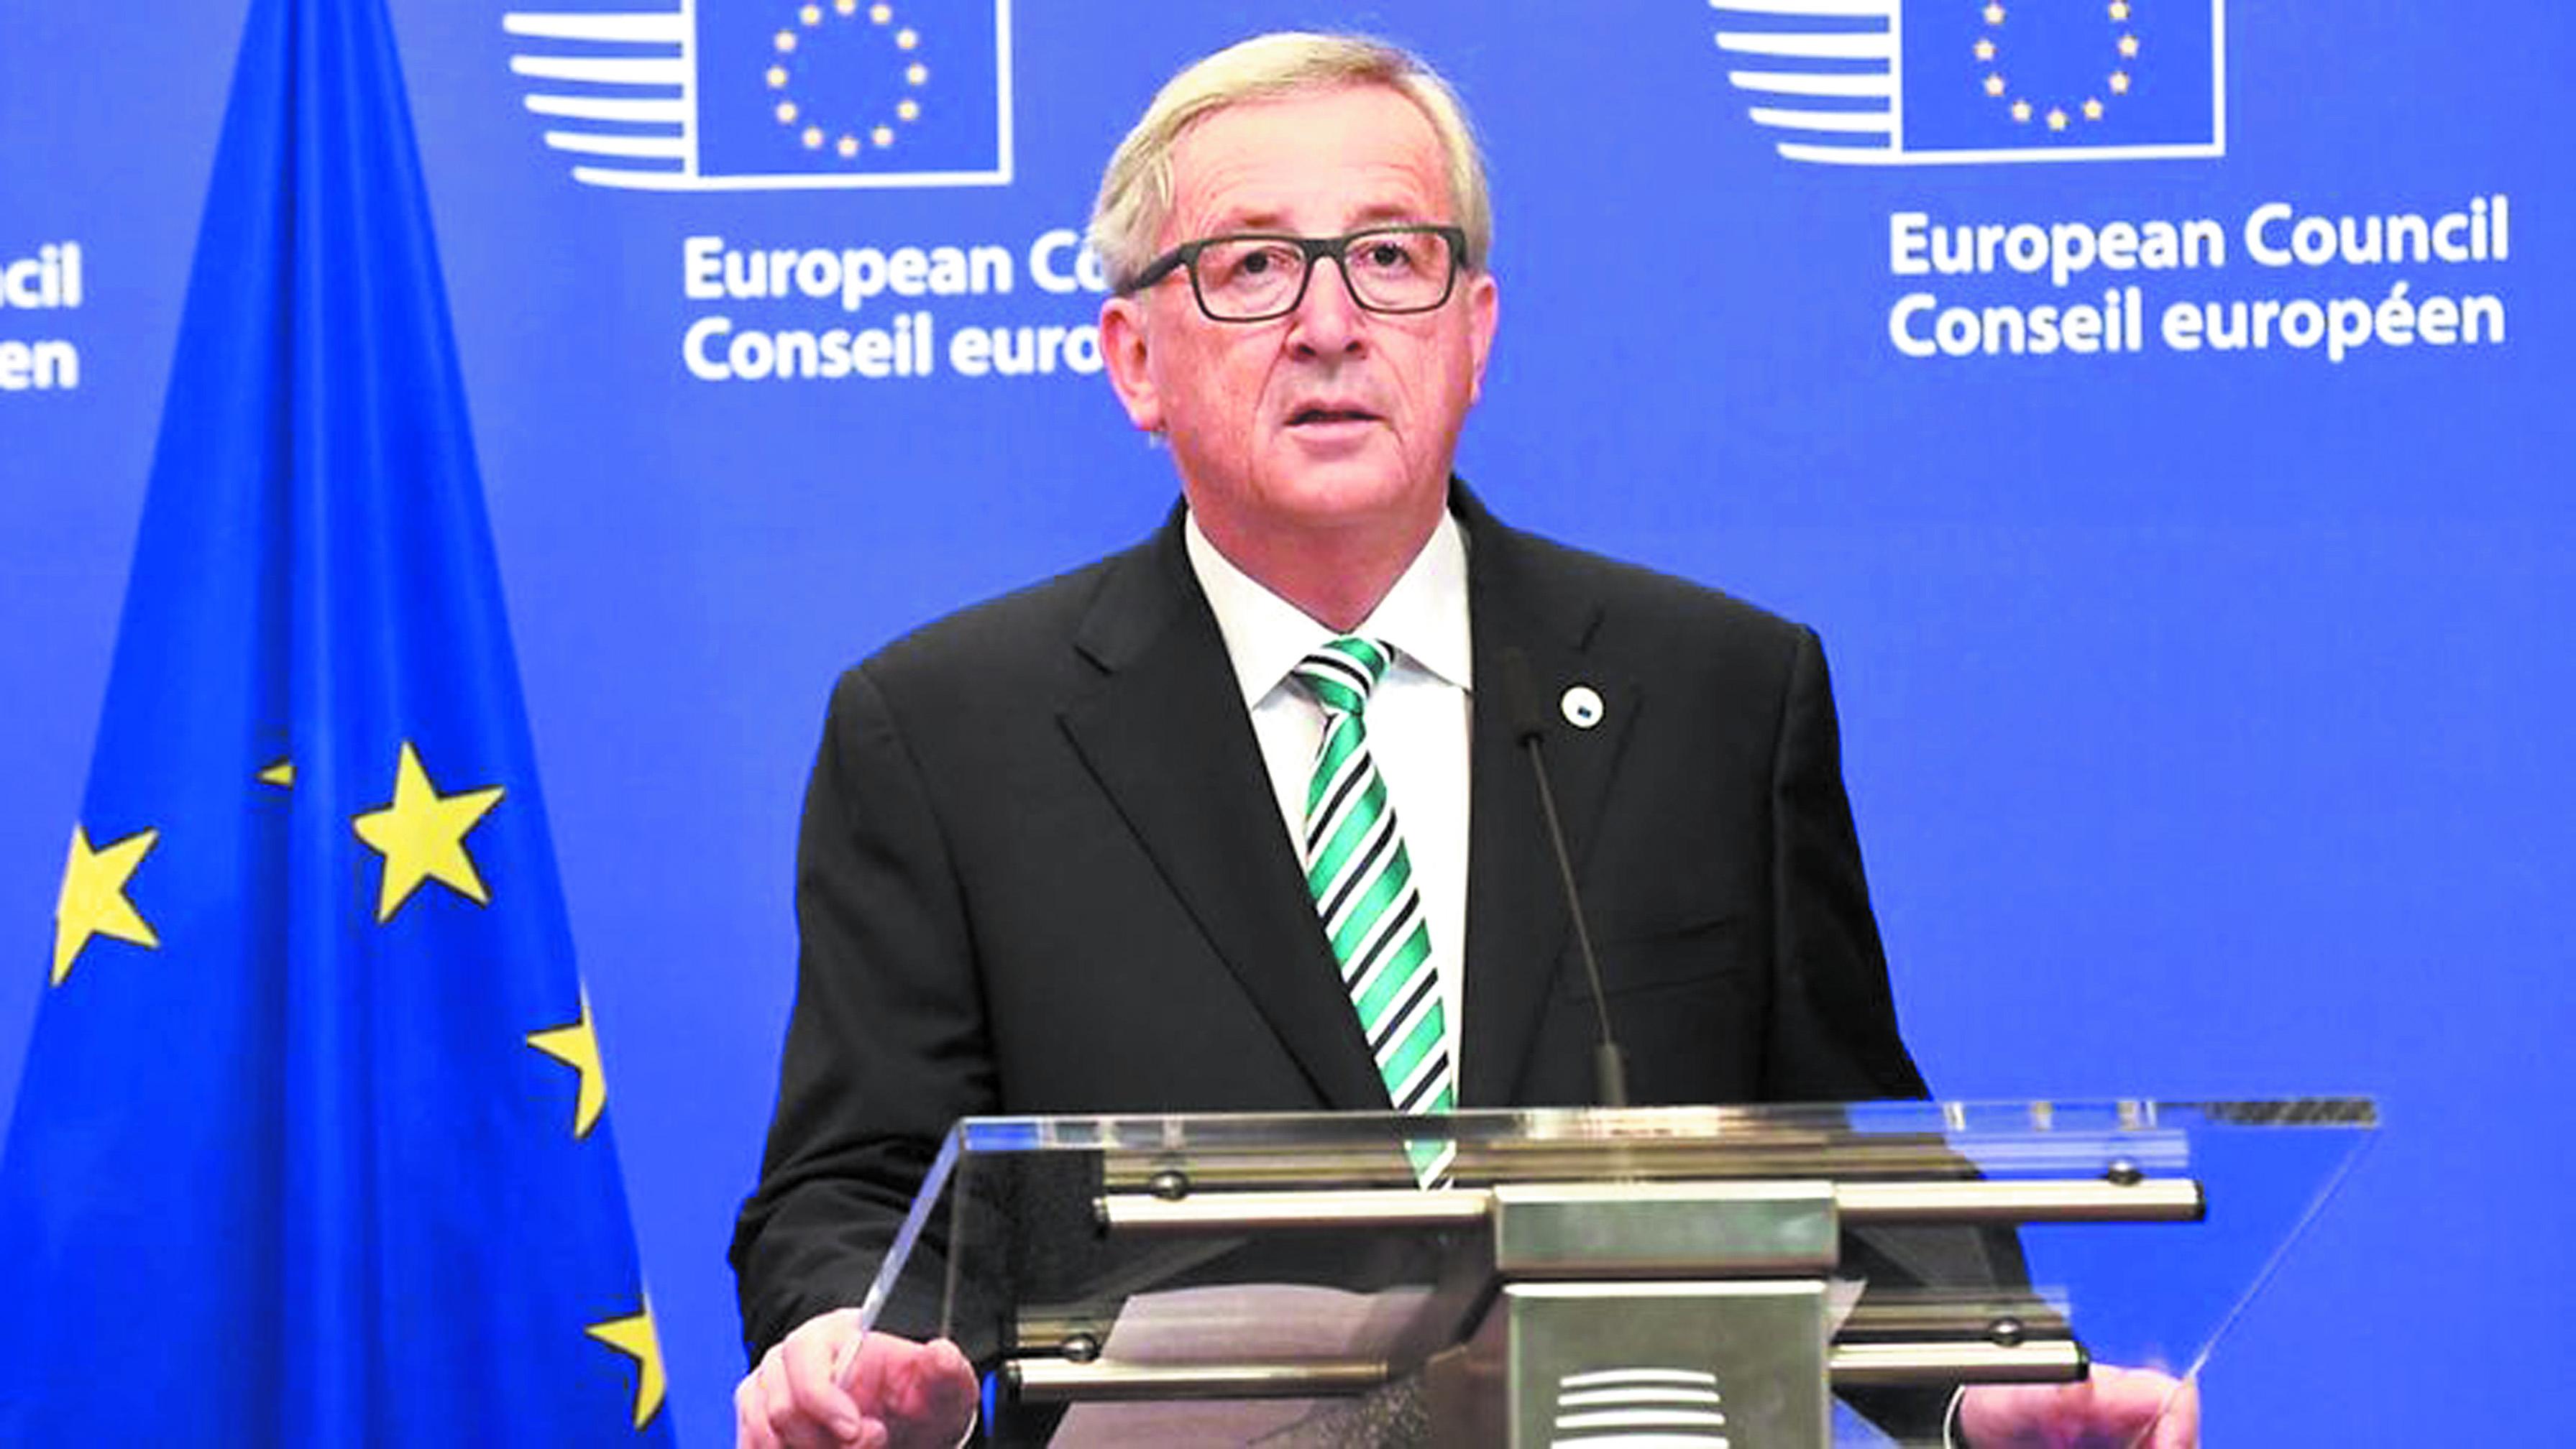 Pas d'adhésion de la Turquie à l'UE sans respect de la démocratie